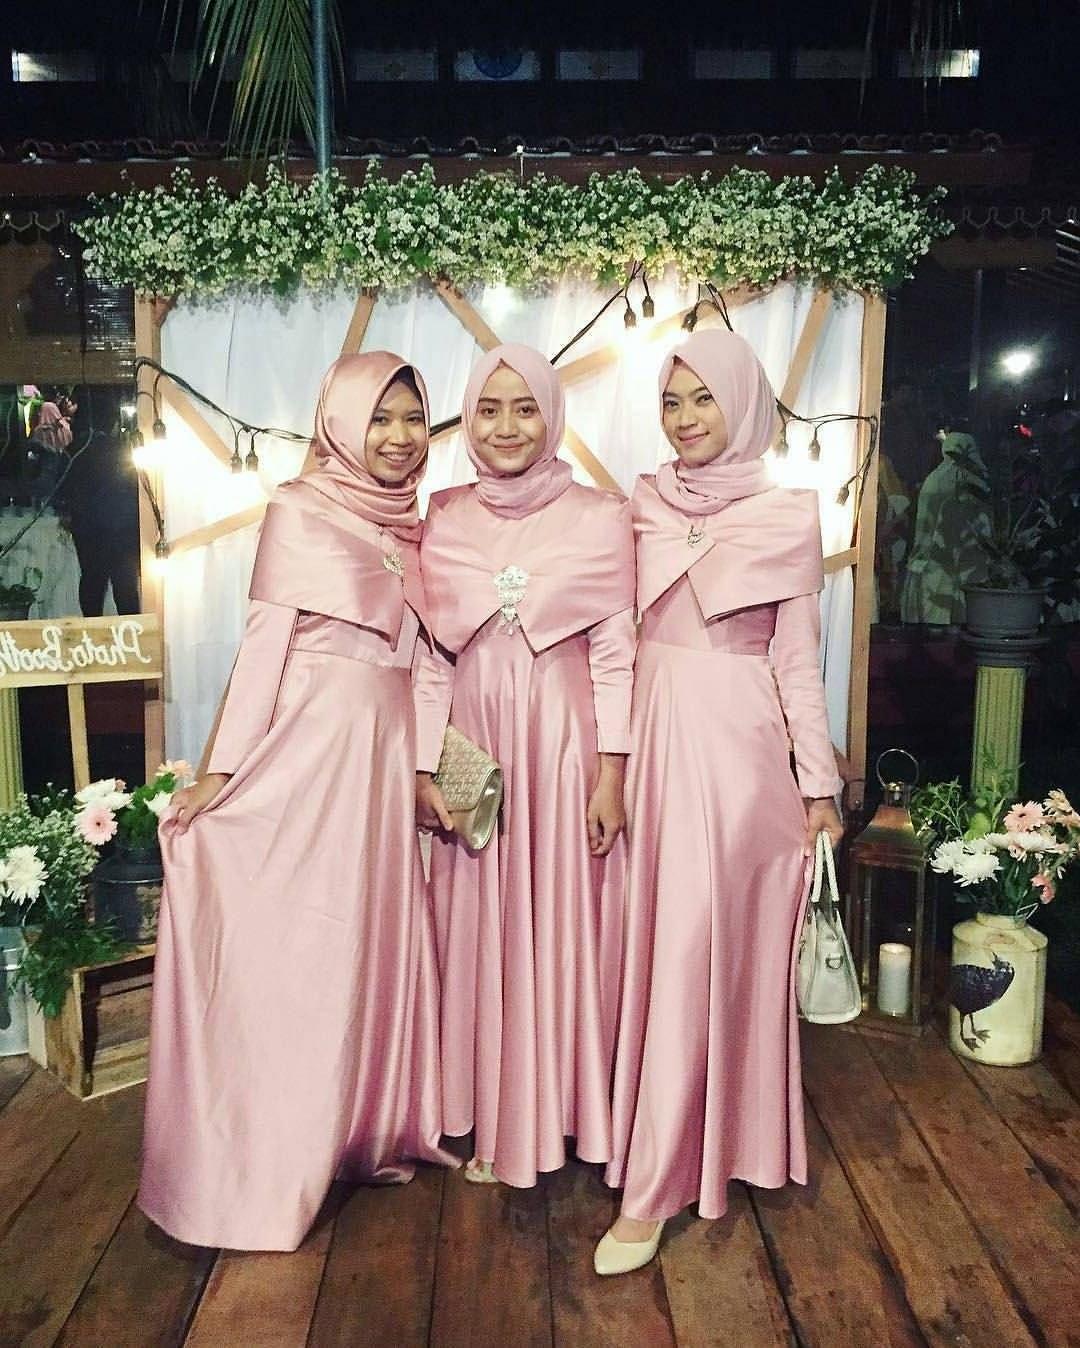 Ide Inspirasi Gaun Bridesmaid Hijab Tqd3 Pin by Sri Widati Resiningrum soecipto soeryopoetro On Baju2